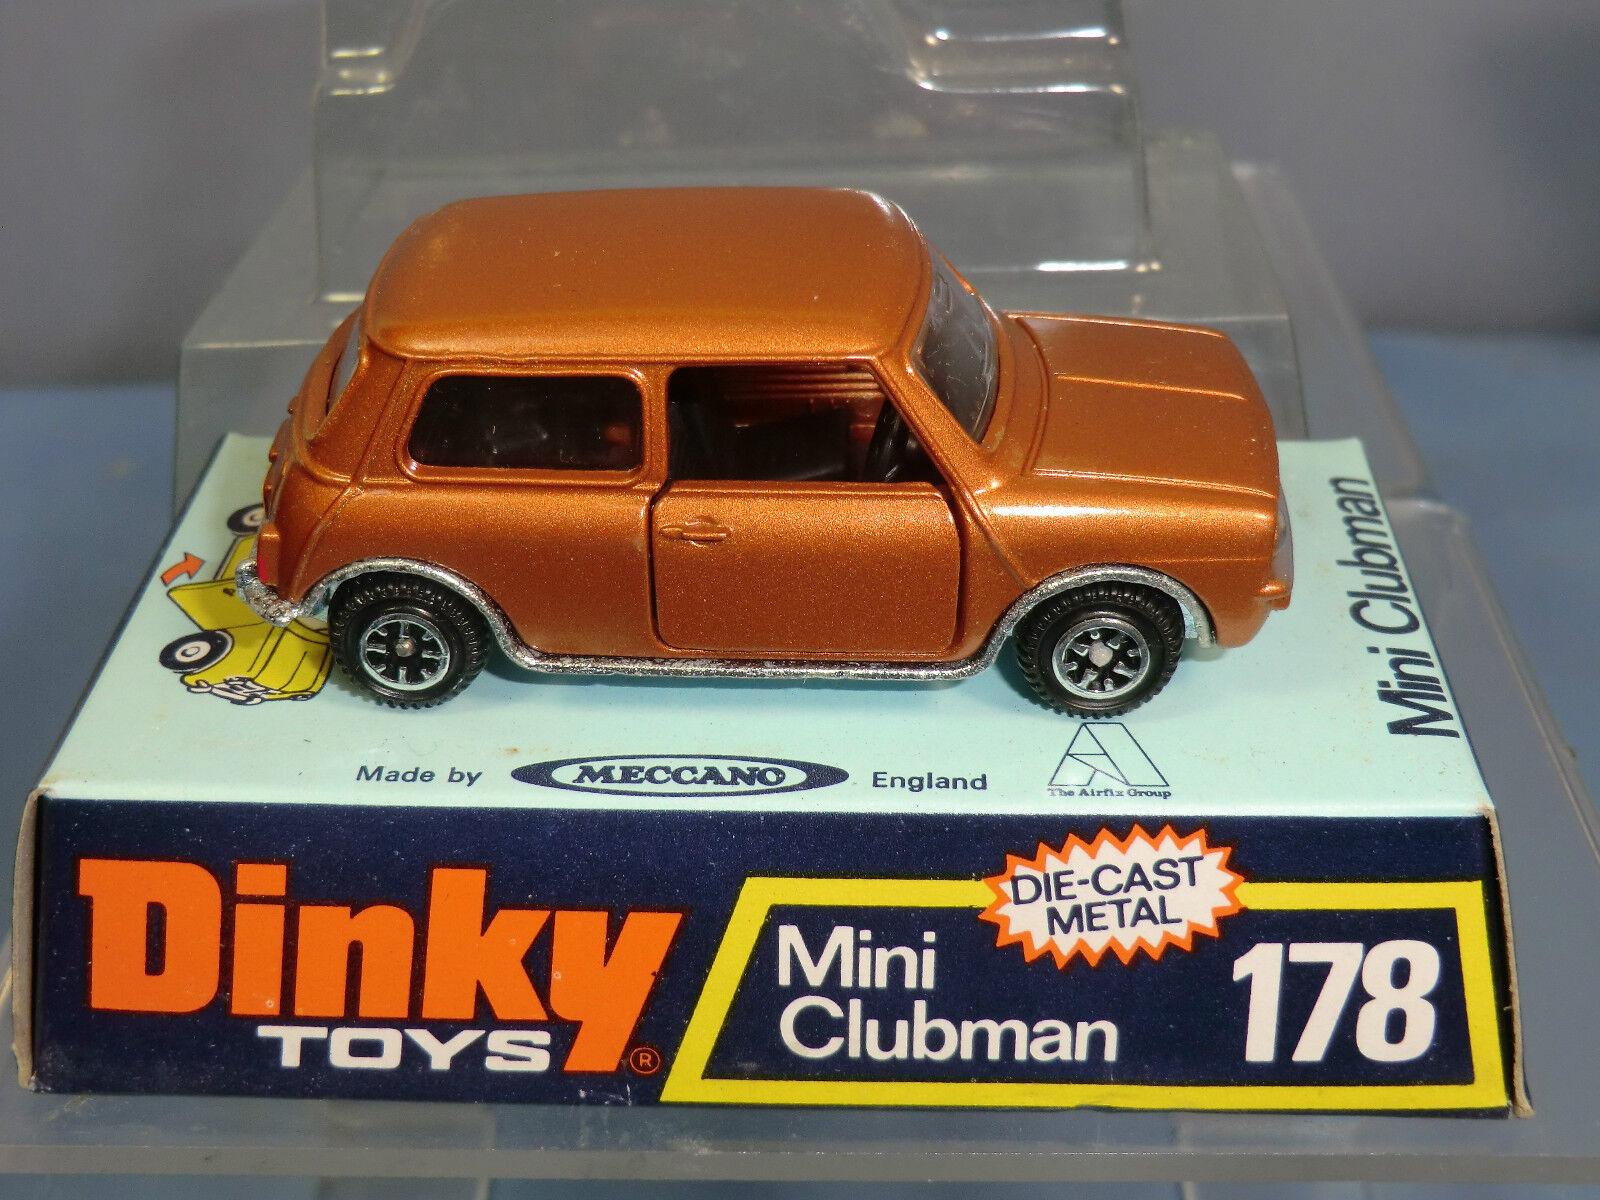 No.178 mini clubman modell dinky spielzeug im mib